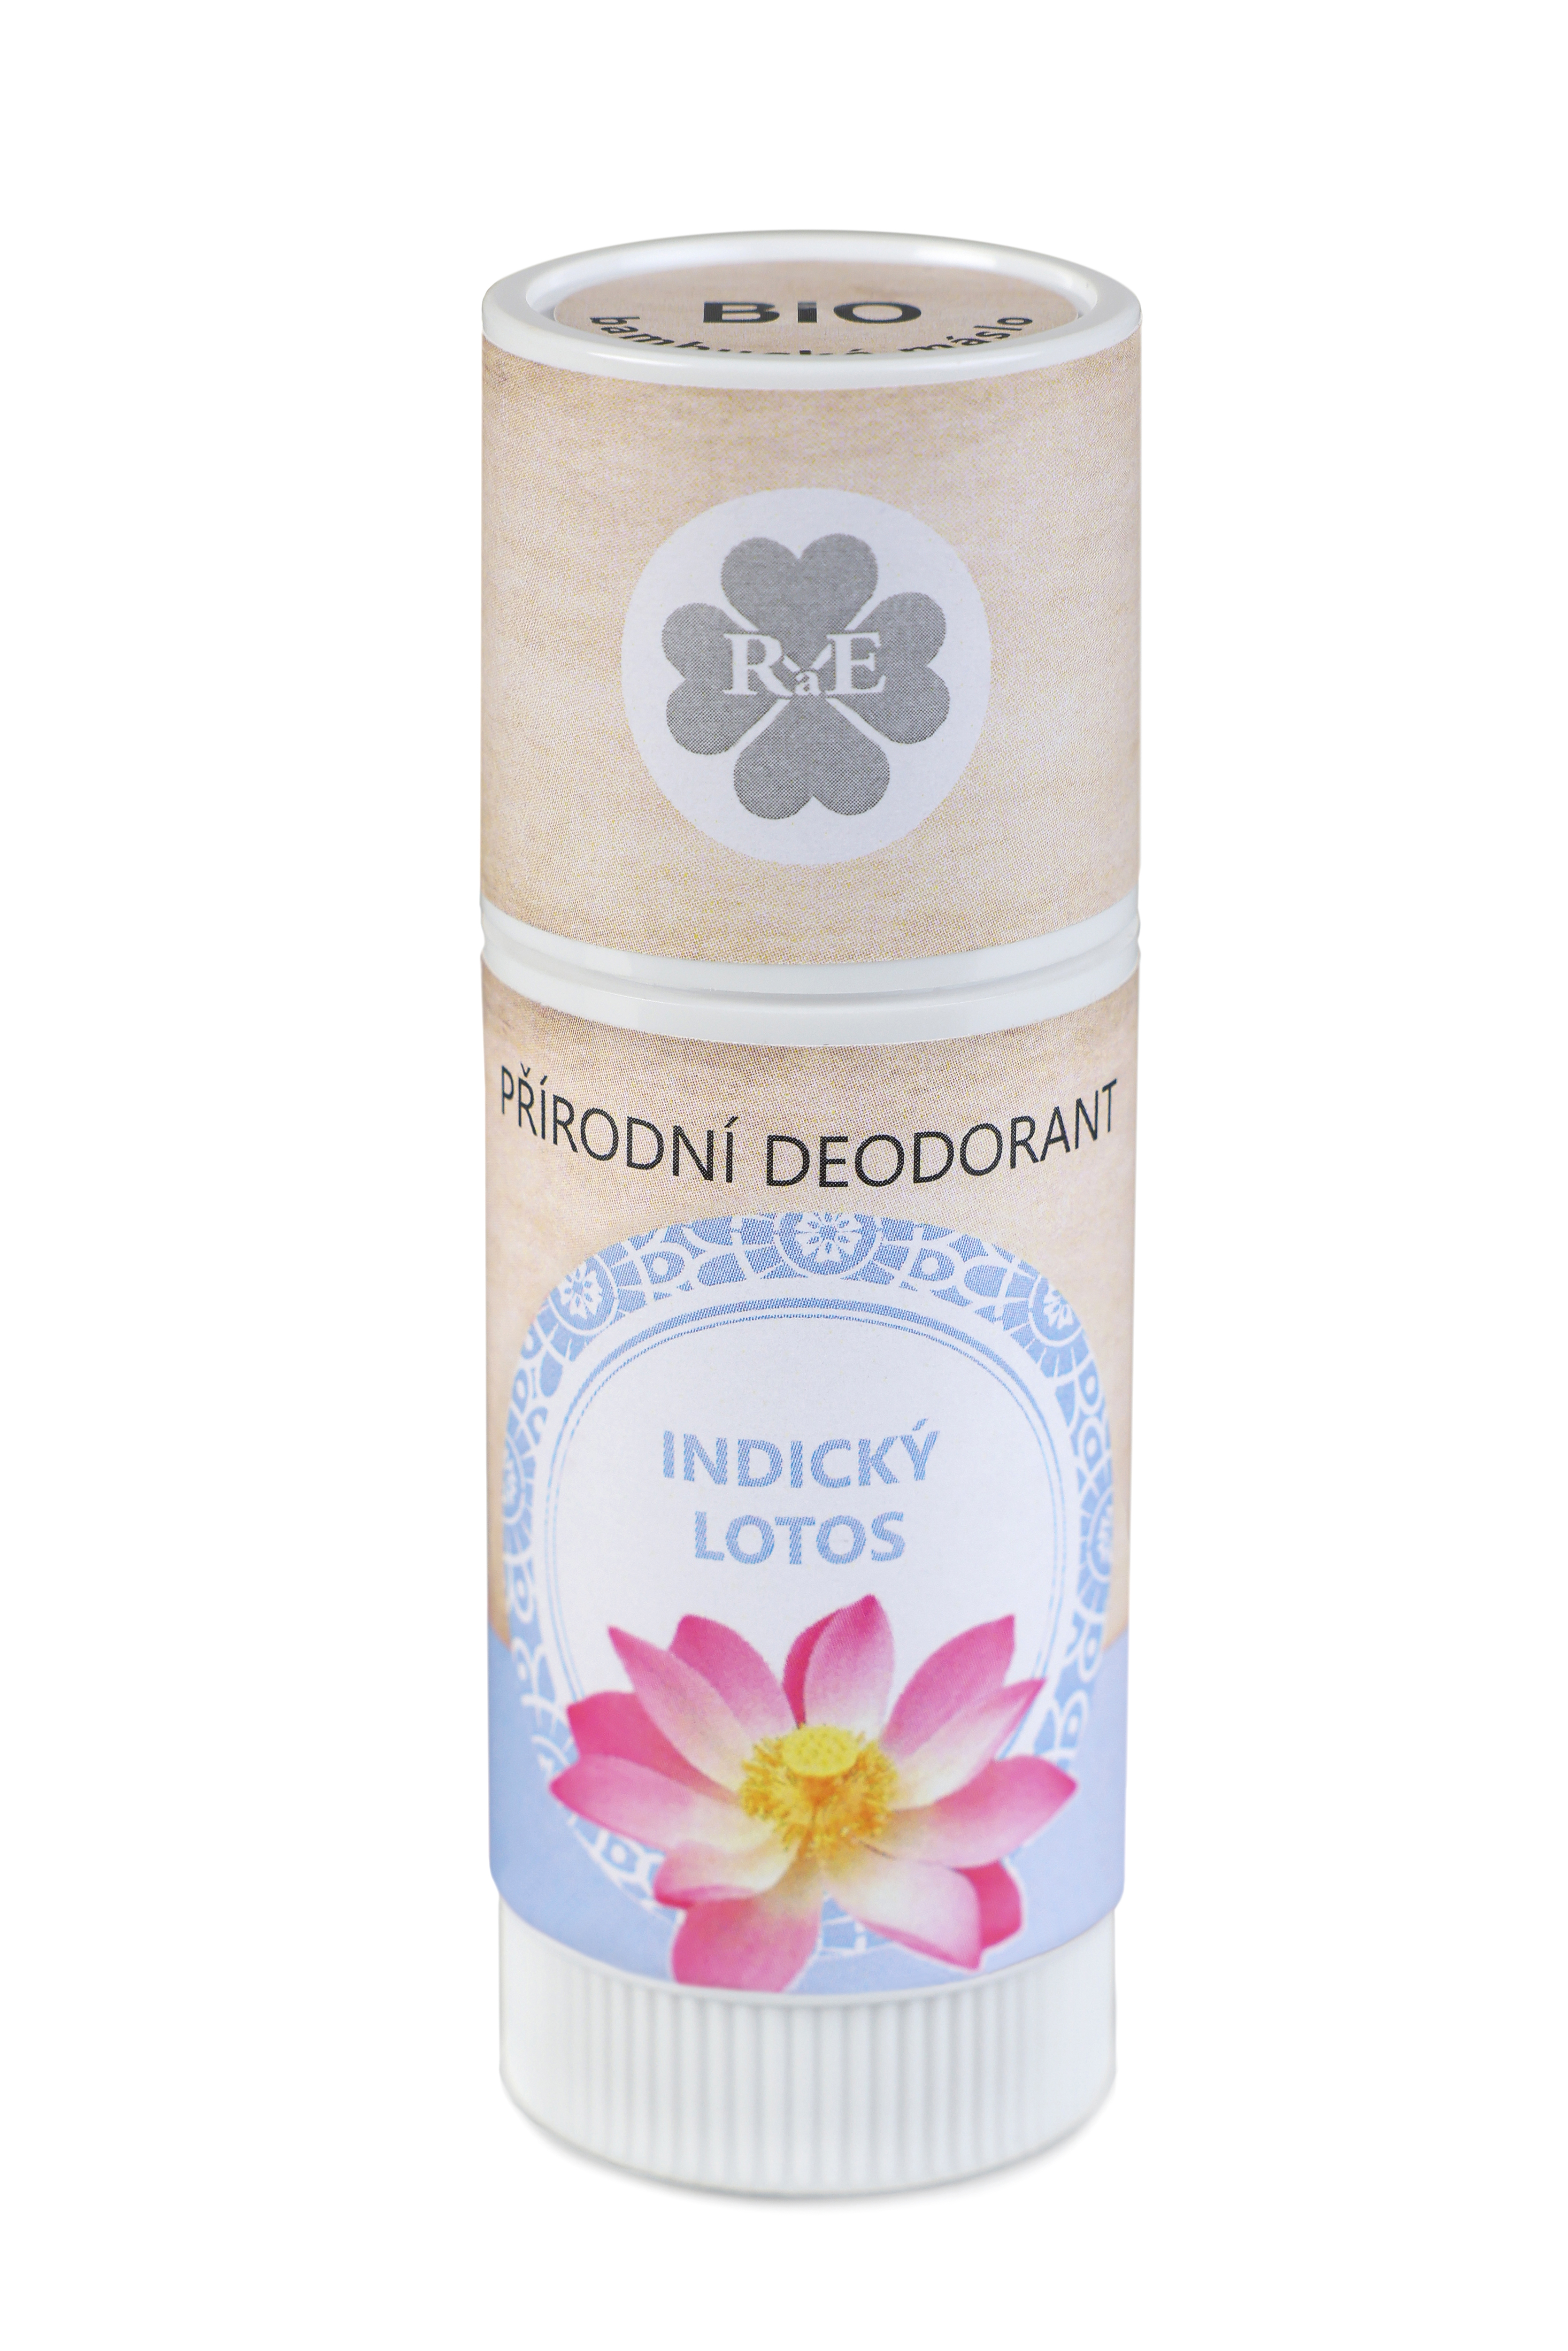 Přírodní deodorant BIO bambucké máslo s vůní indického lotosu 25 ml